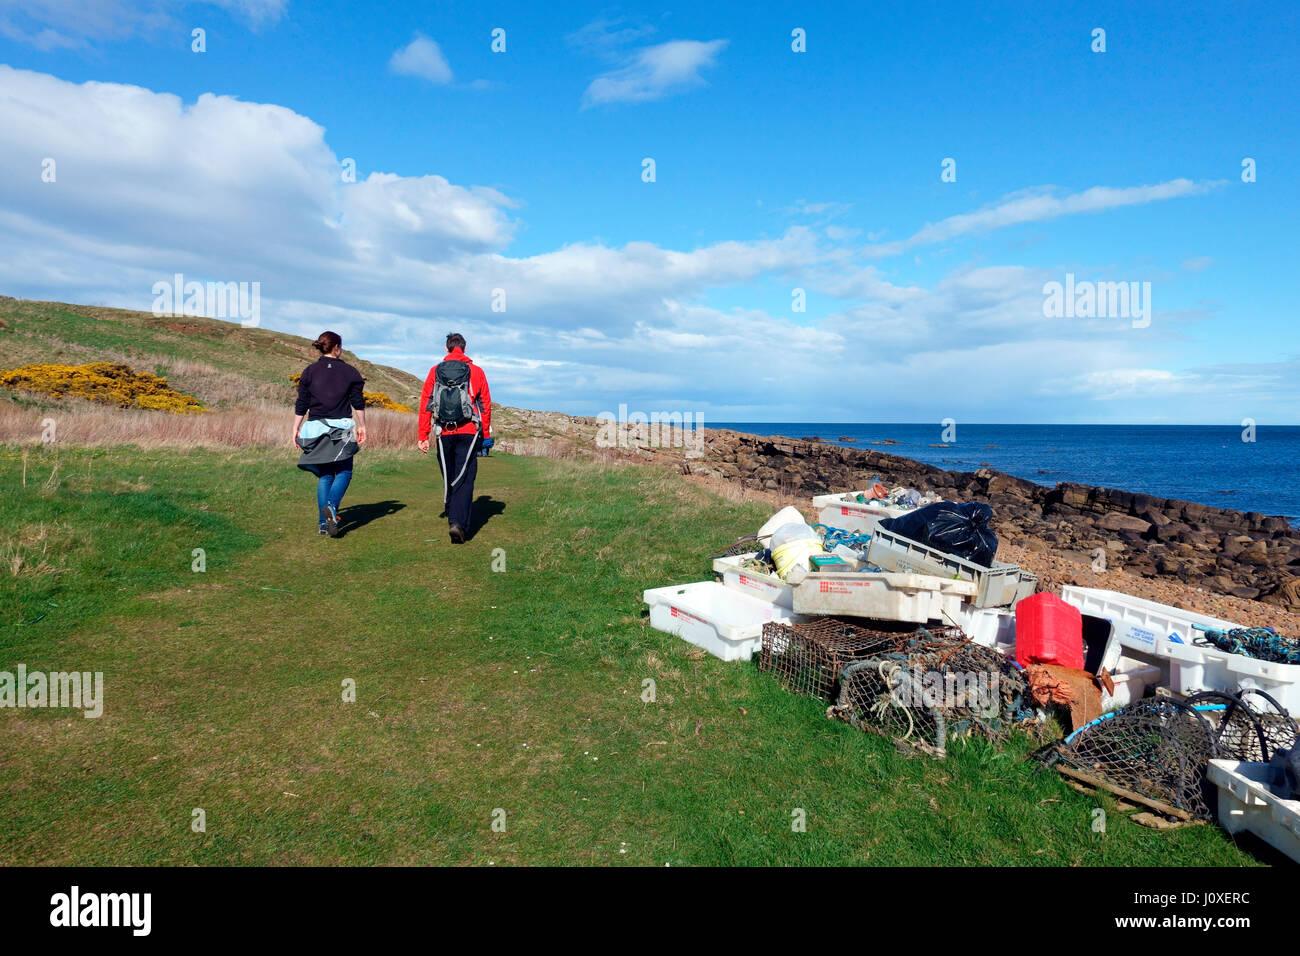 walkers-pass-collected-marine-debris-fro